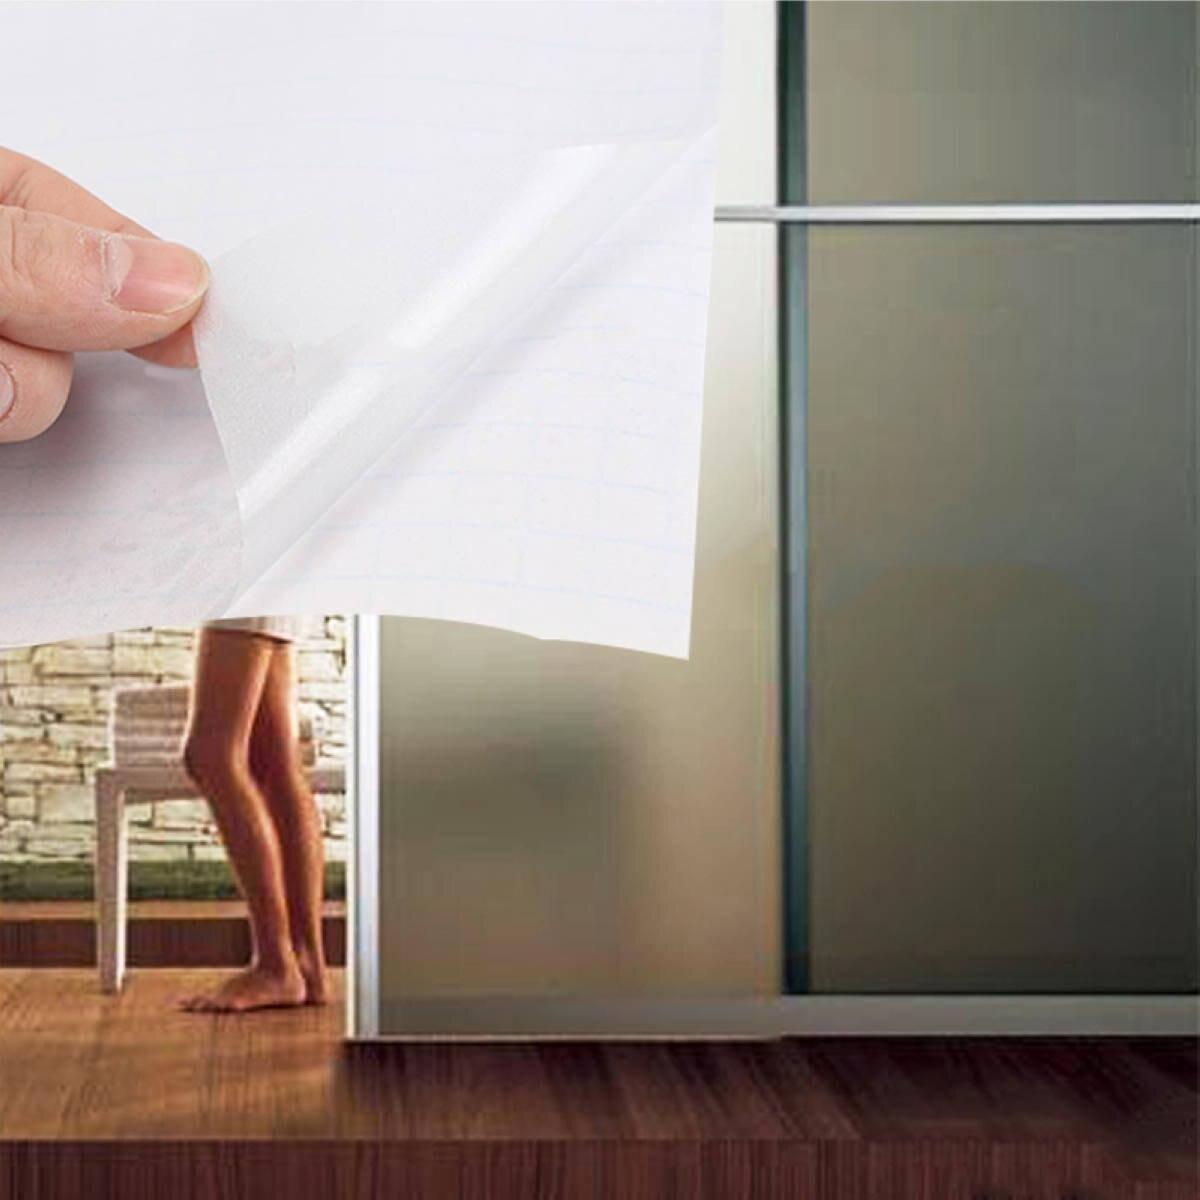 Buro Im Schlafzimmer Immobilien Lindstedt De Gehobenes Wohnen